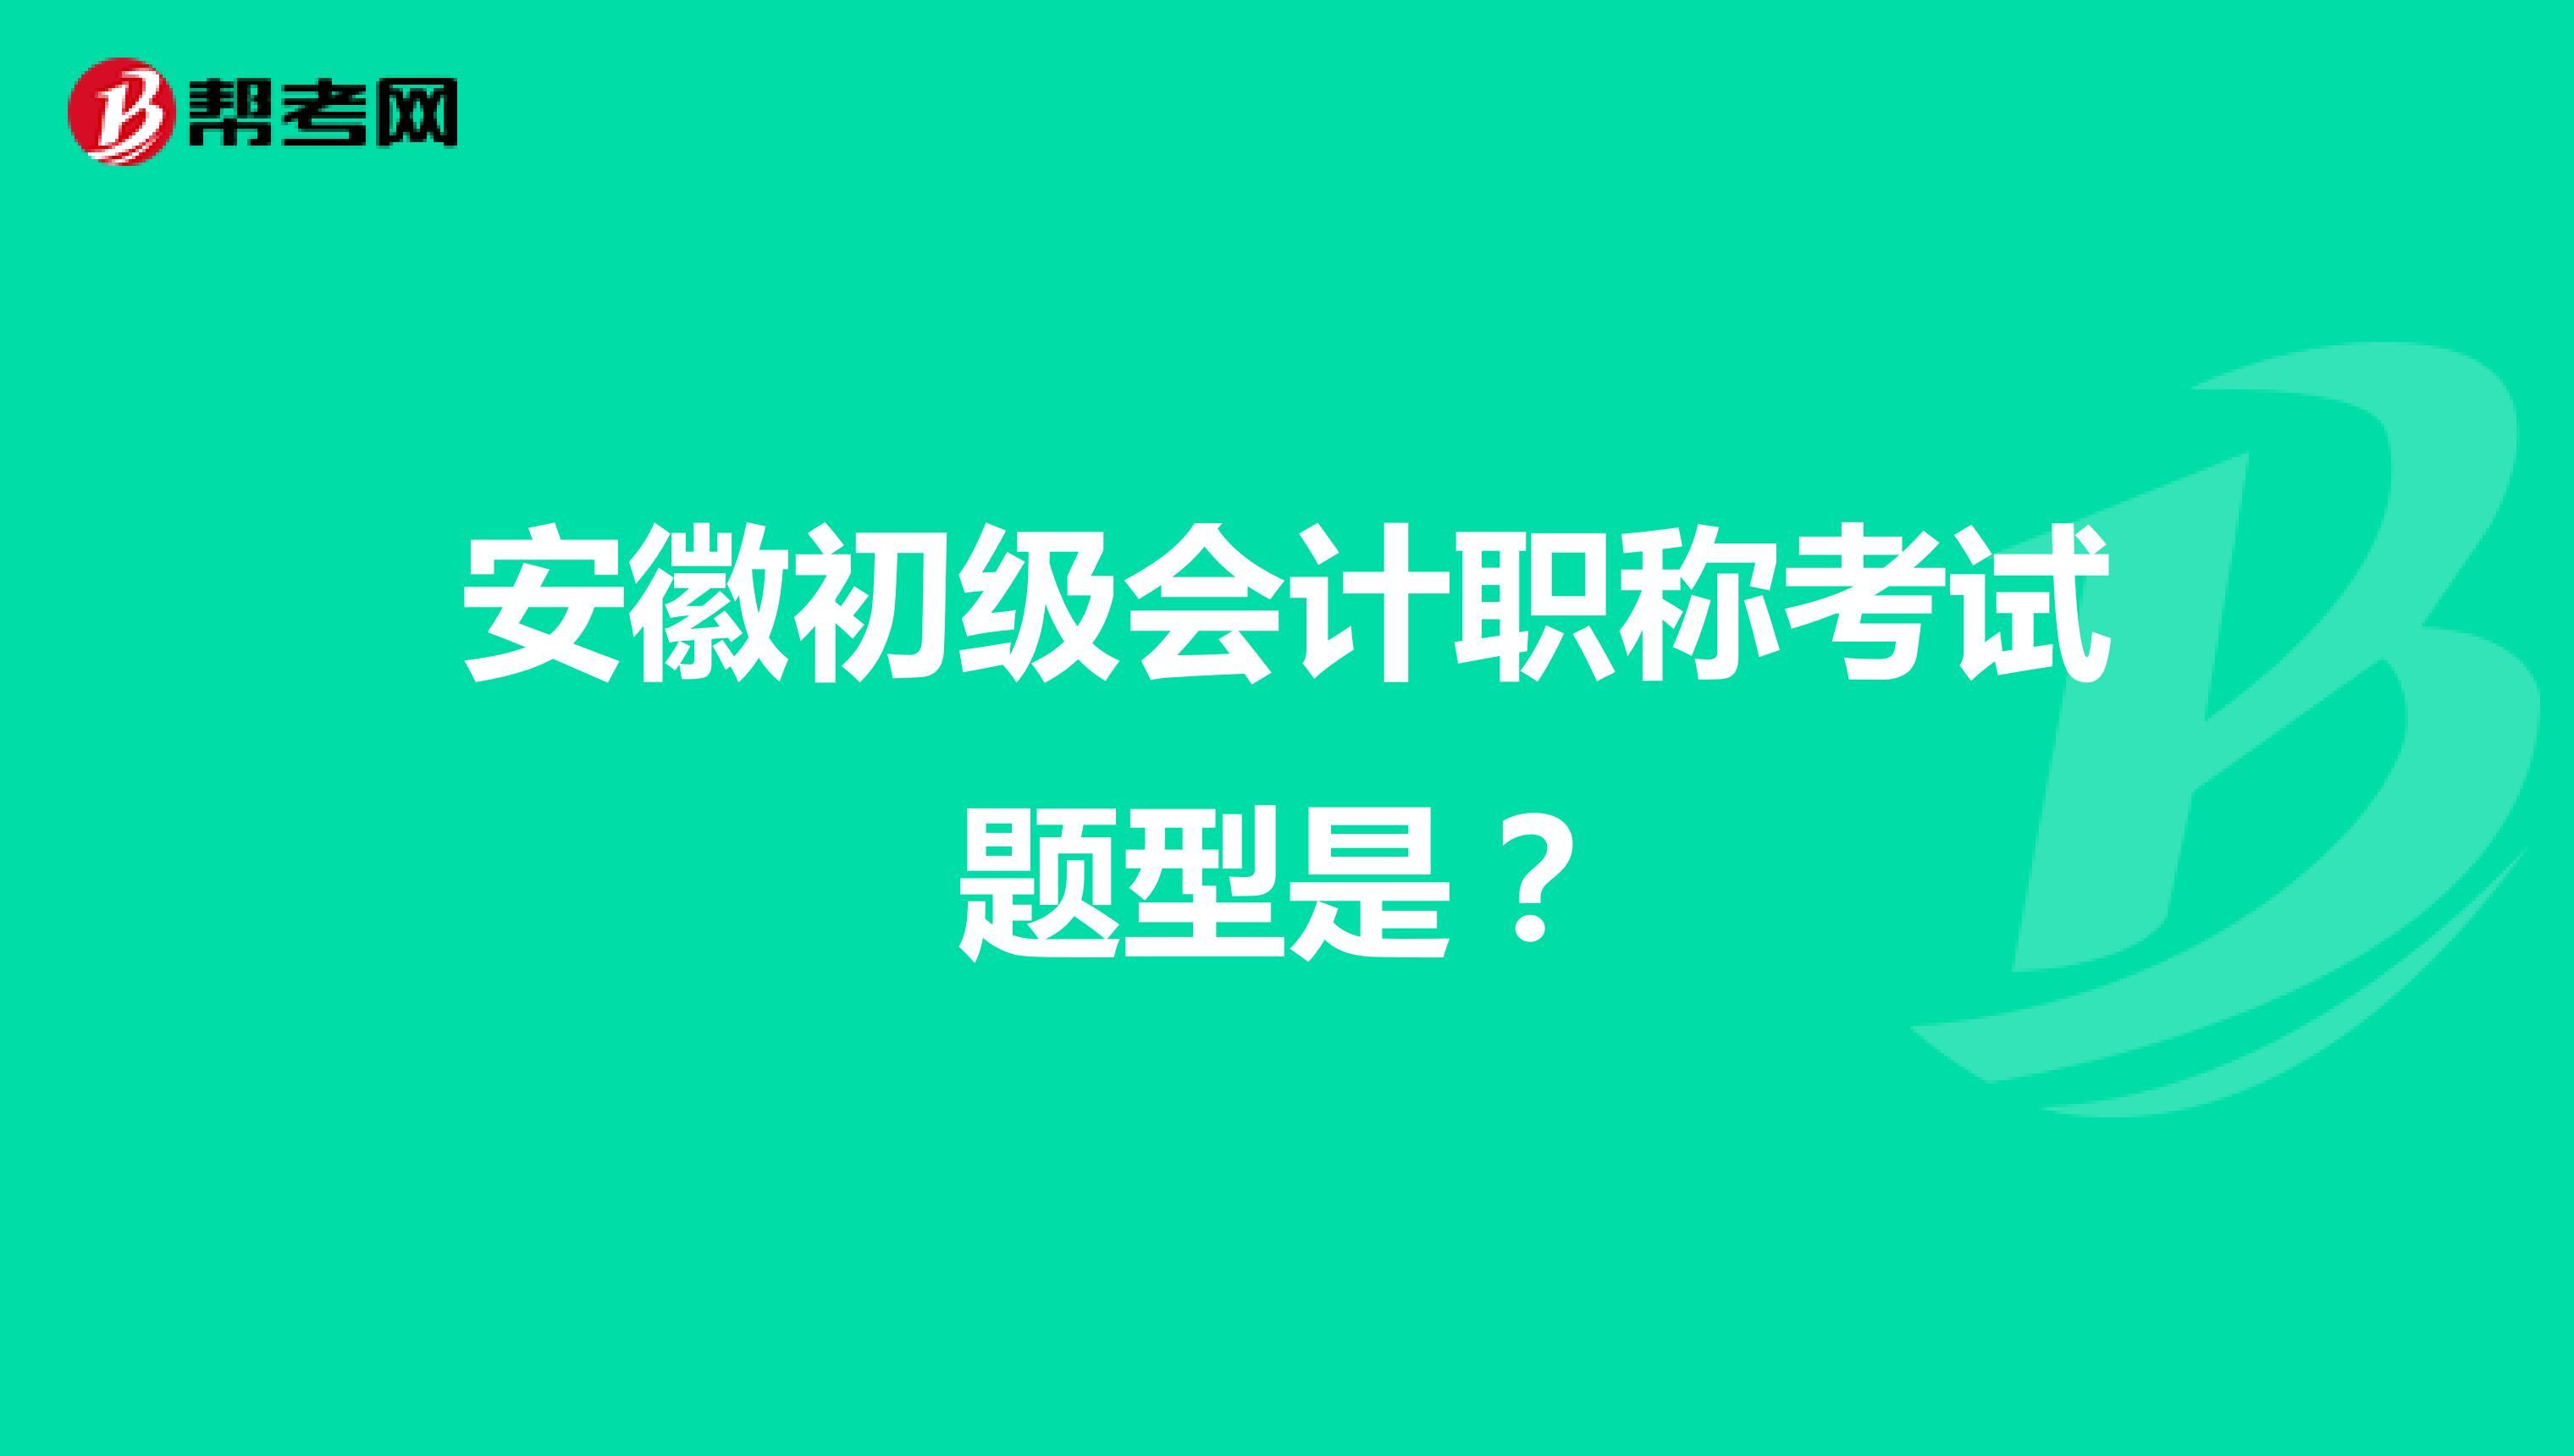 安徽(威廉希尔指数欧500指数)初级会计app考试题型是?